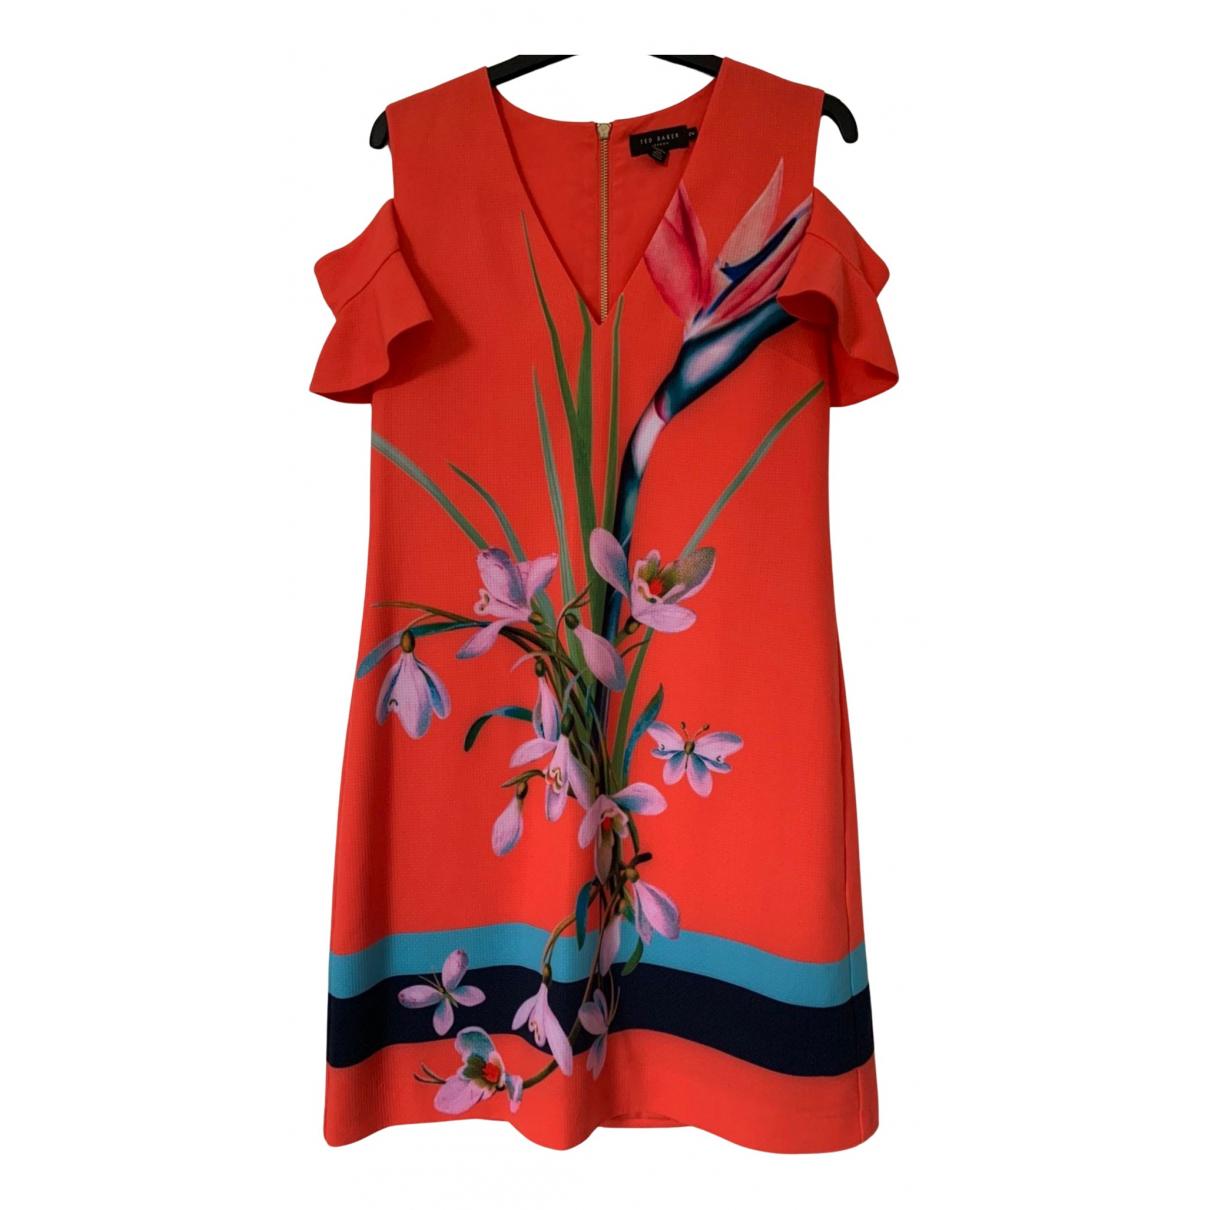 Ted Baker N Multicolour dress for Women 8 UK